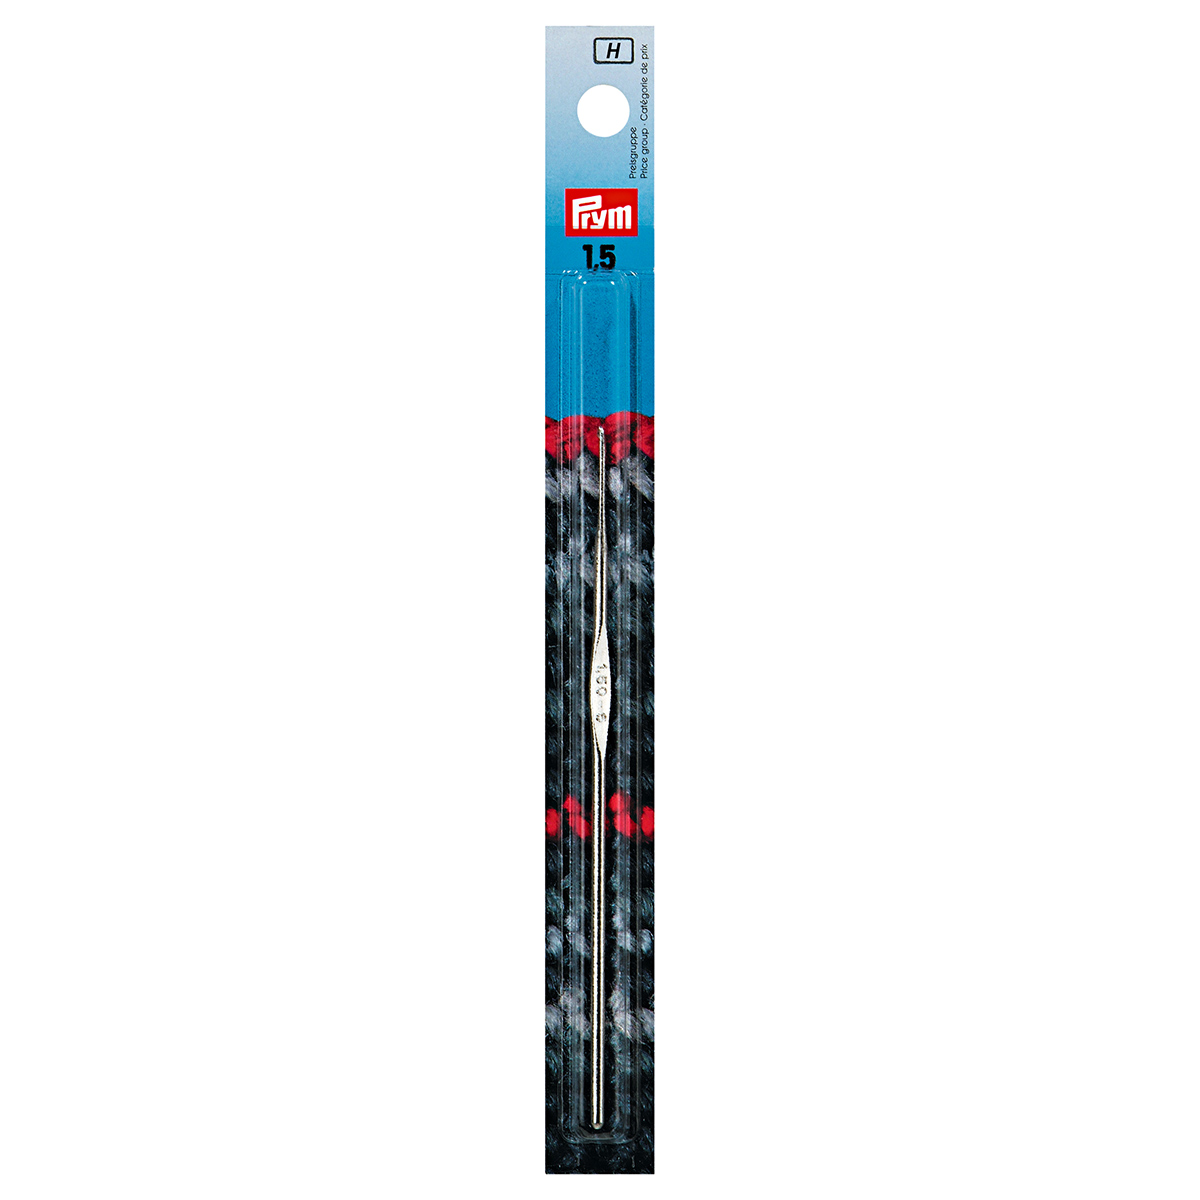 175843 Крючок IMRA для тонкой пряжи без ручки, сталь, с направляющей площадью, 1,5 мм, Prym